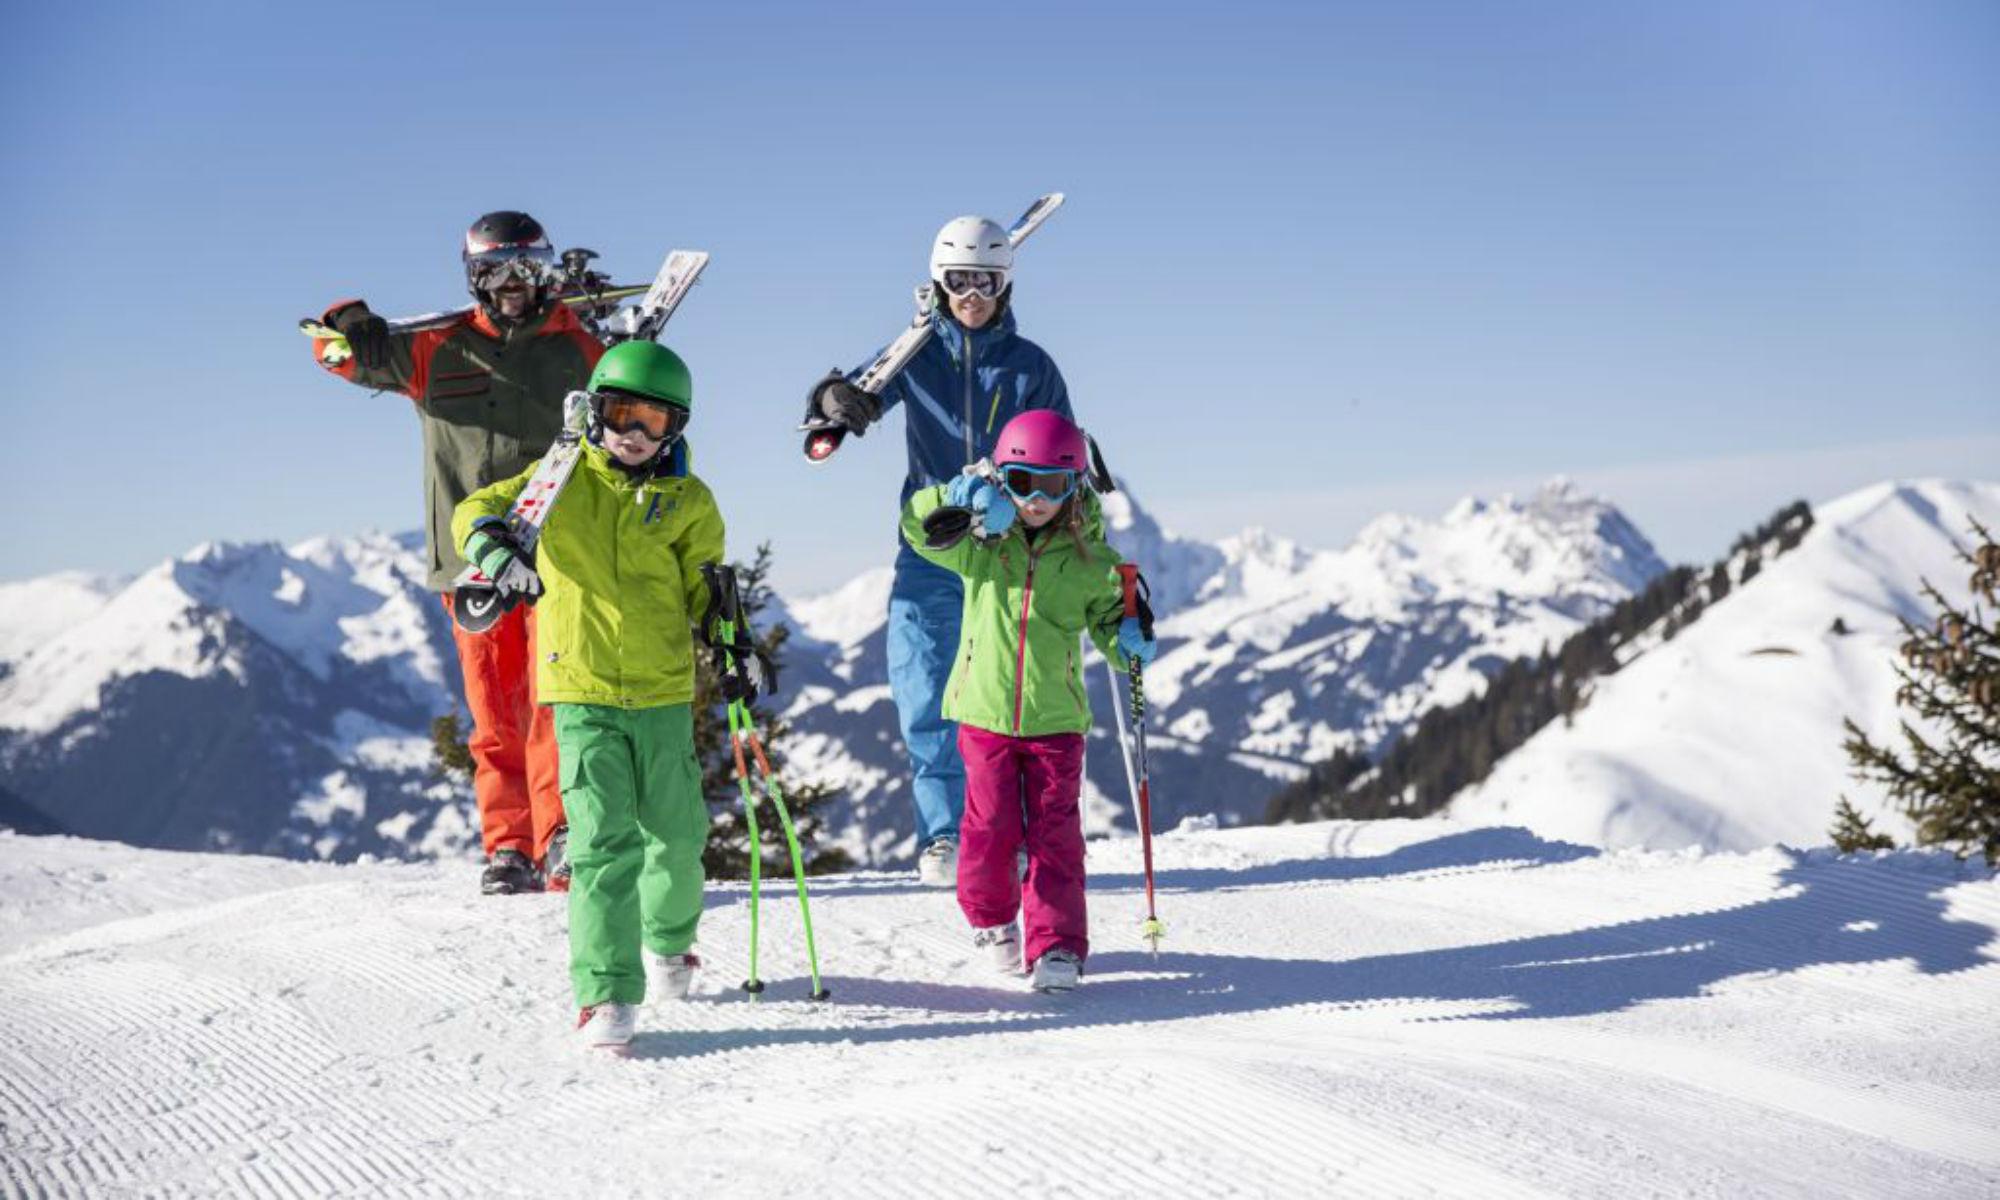 Eine Familie beim Tragen der Skiausrüstung auf einer sonnigen Piste in Gstaad-Saanen.